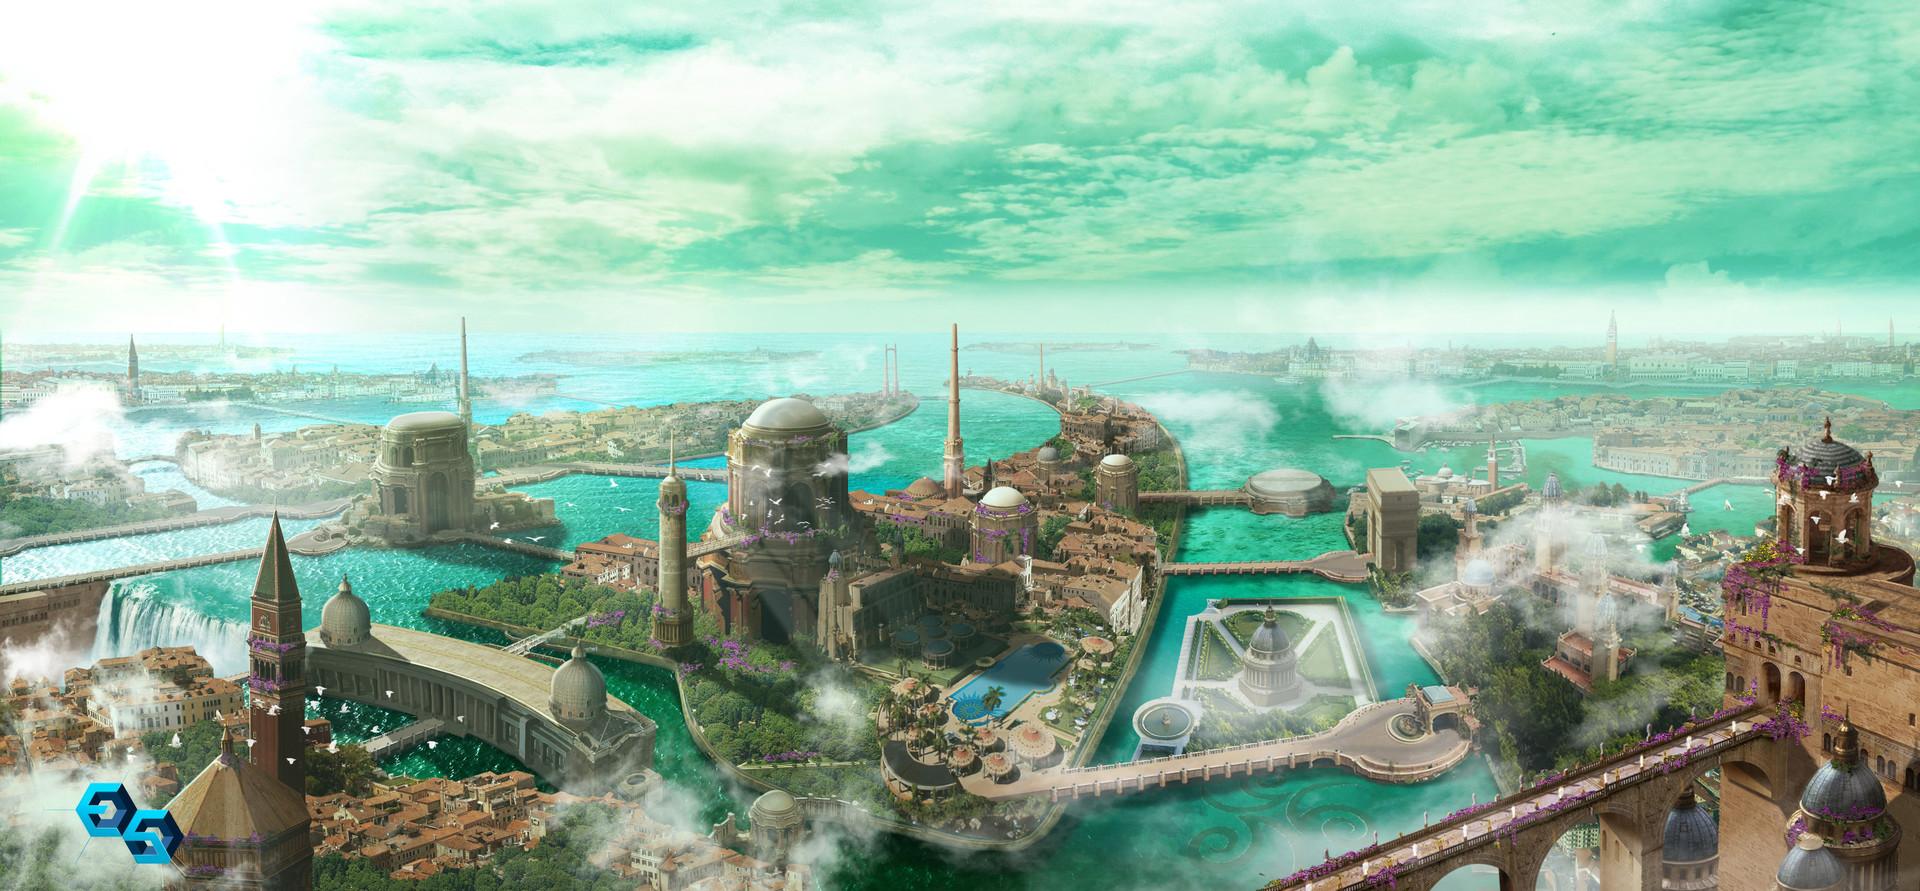 Pablo palomeque city concept